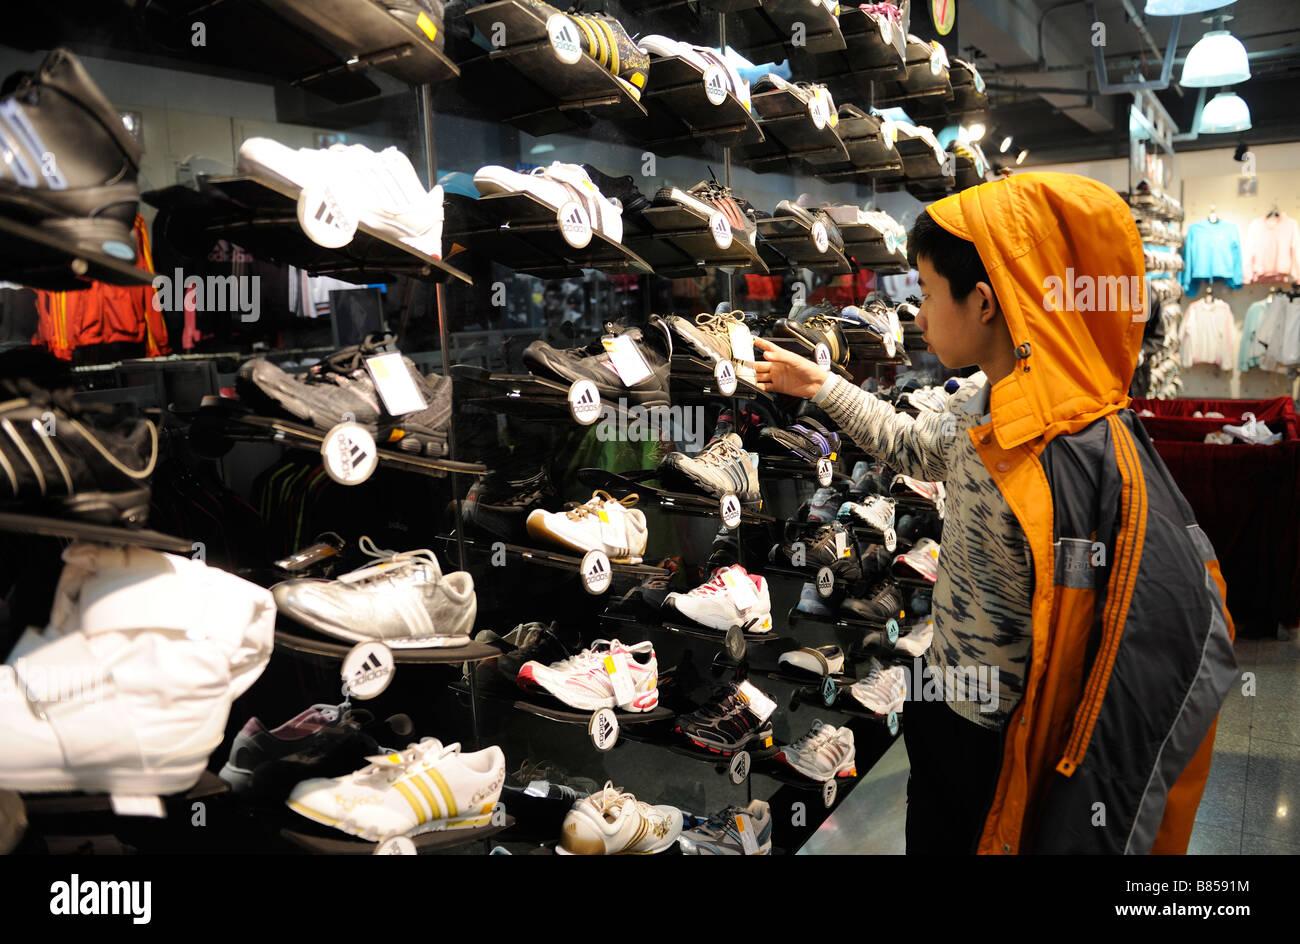 on sale 8c4a7 08bee Adidas zapatos están a la venta en un almacén en Beijing China 11-Feb-